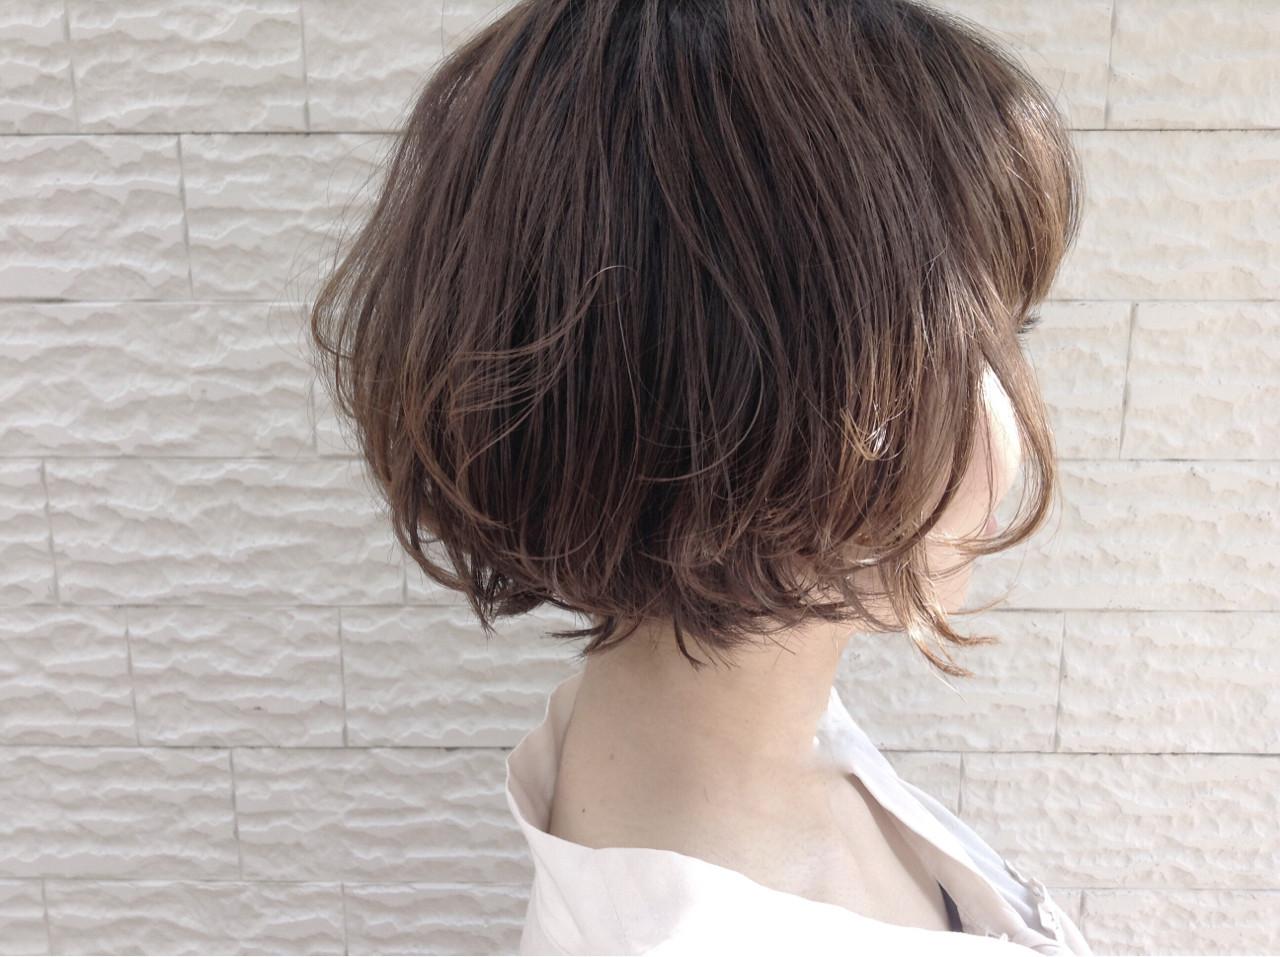 30代にぴったりのショートレイヤーボブ 山田大貴 / throb | throb by reve